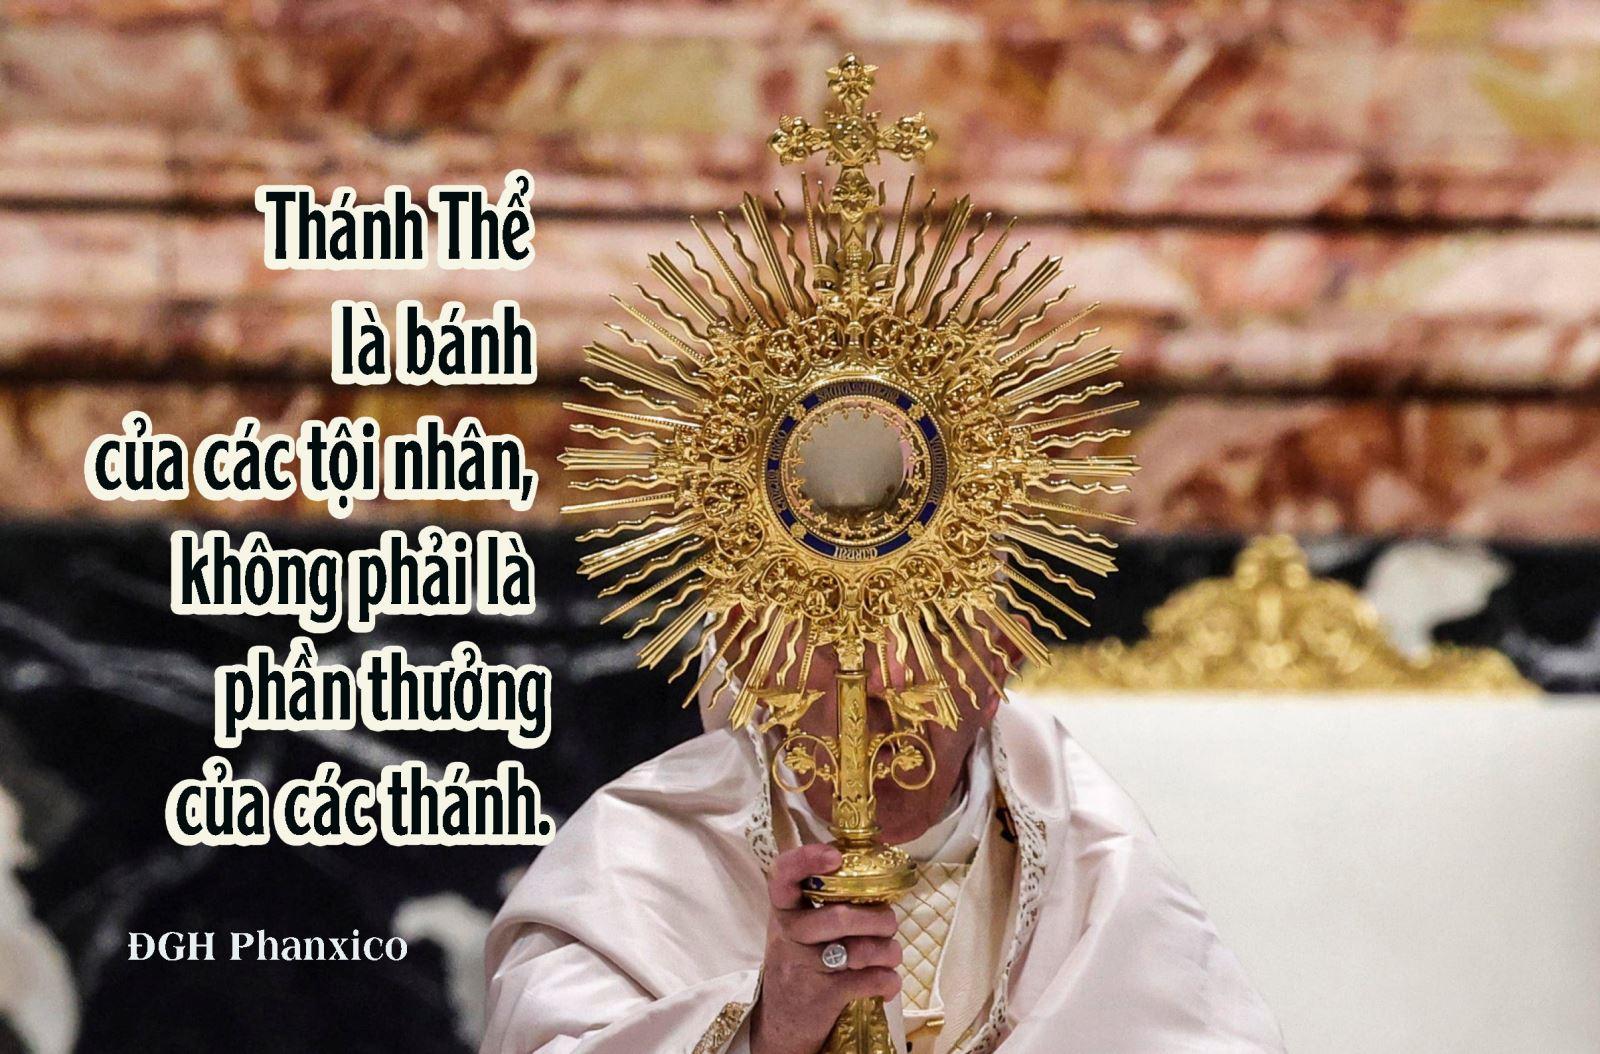 Đức Giáo Hoàng Phanxicô: Thánh Thể là bánh của các tội nhân, không phải là phần thưởng của các thánh.